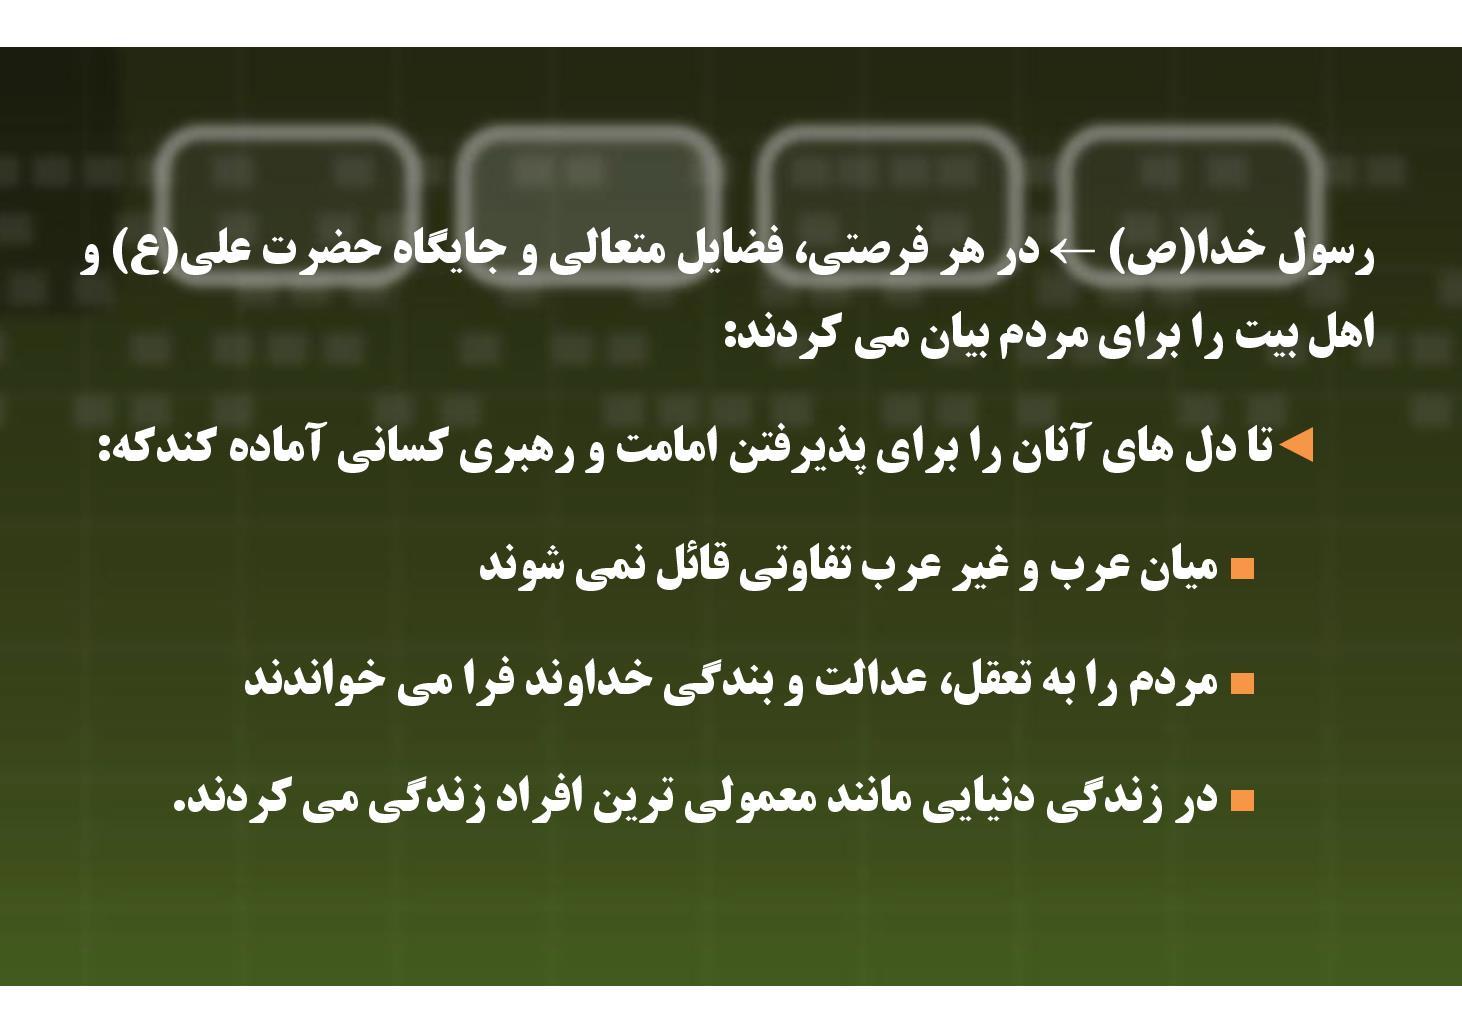 معارف- درس ۶- معنای شیعه- بخش ٢ (PDF)